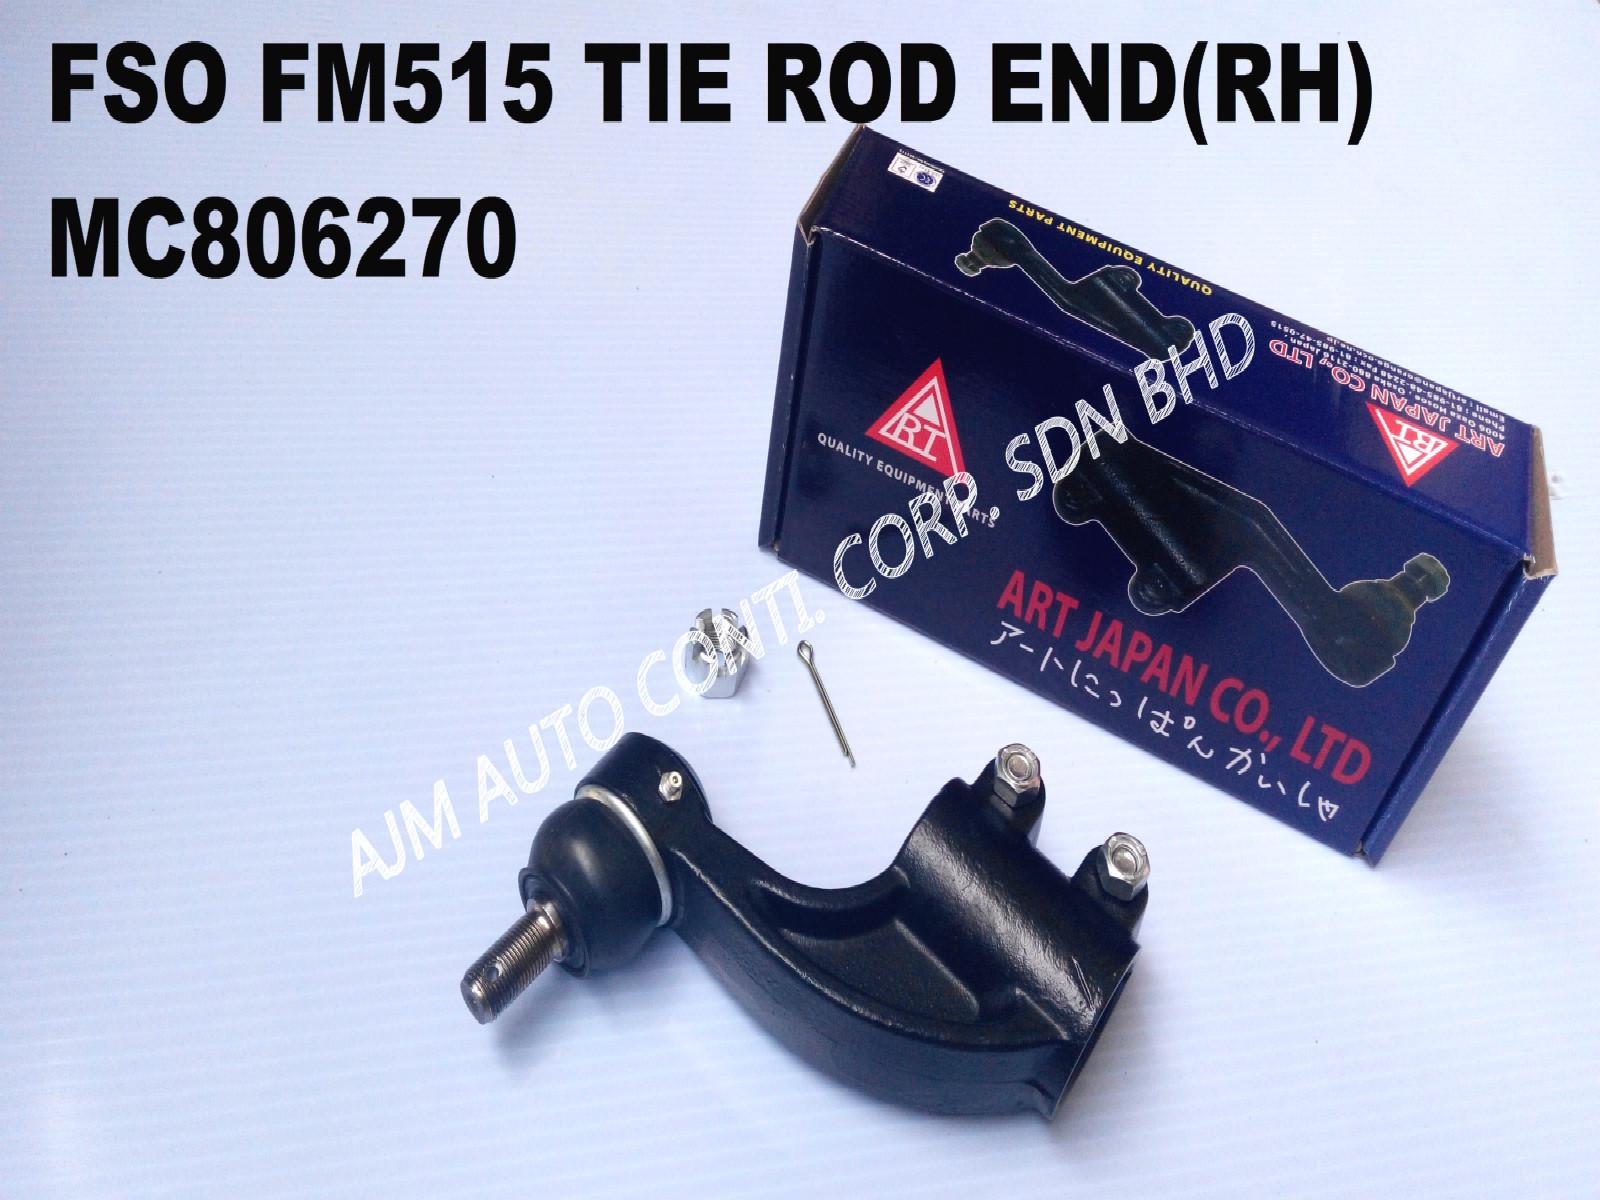 FUSO_FM515_TIE_ROD_END_MC806270_meitu_2